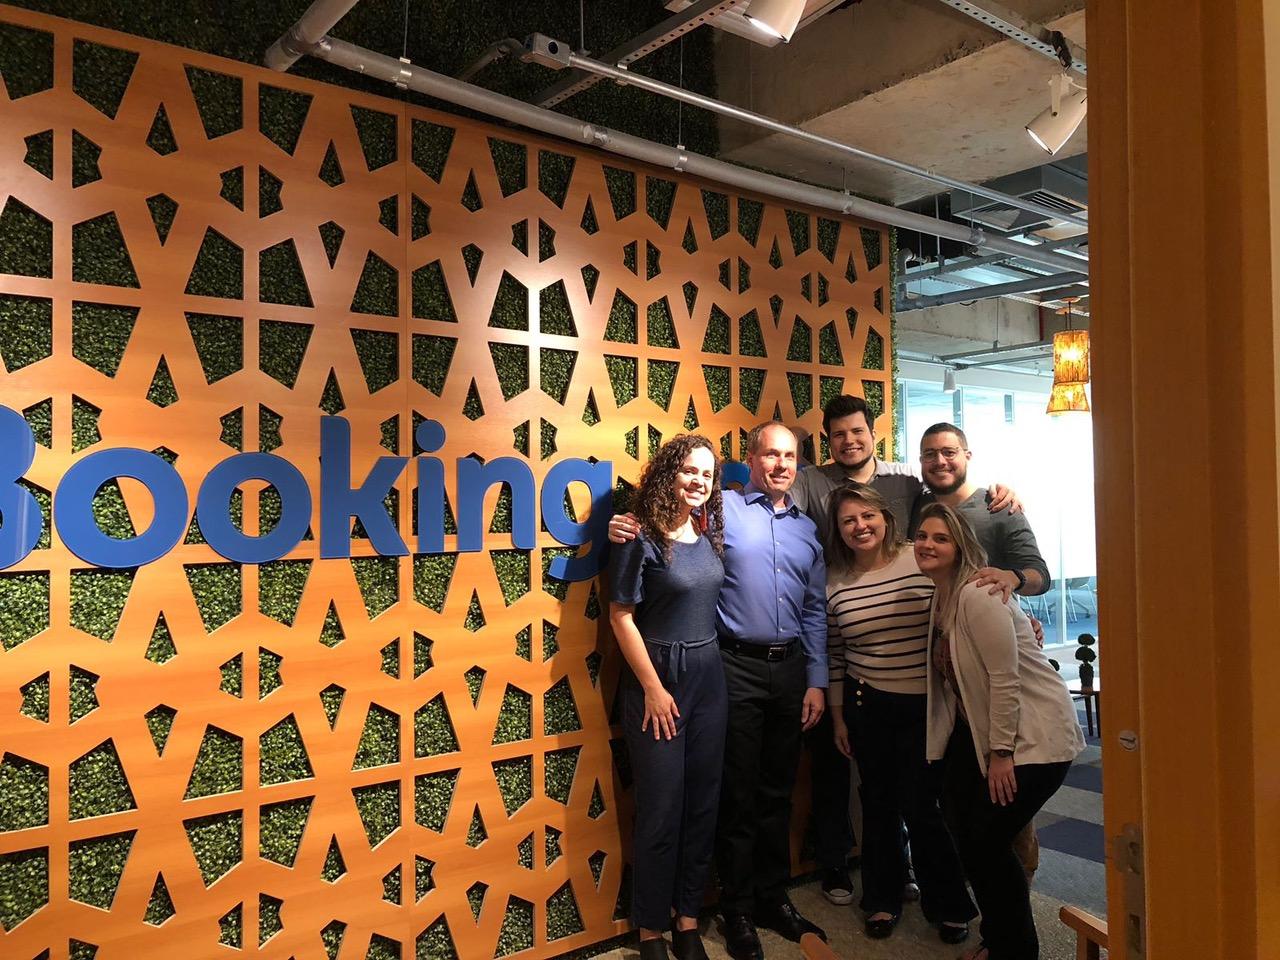 Foto (1) C/ equipe Booking.com escritório de Belo Horizonte Equipe do Felipe Marques - Gerente escritório Booking.com em Belo Horizonte